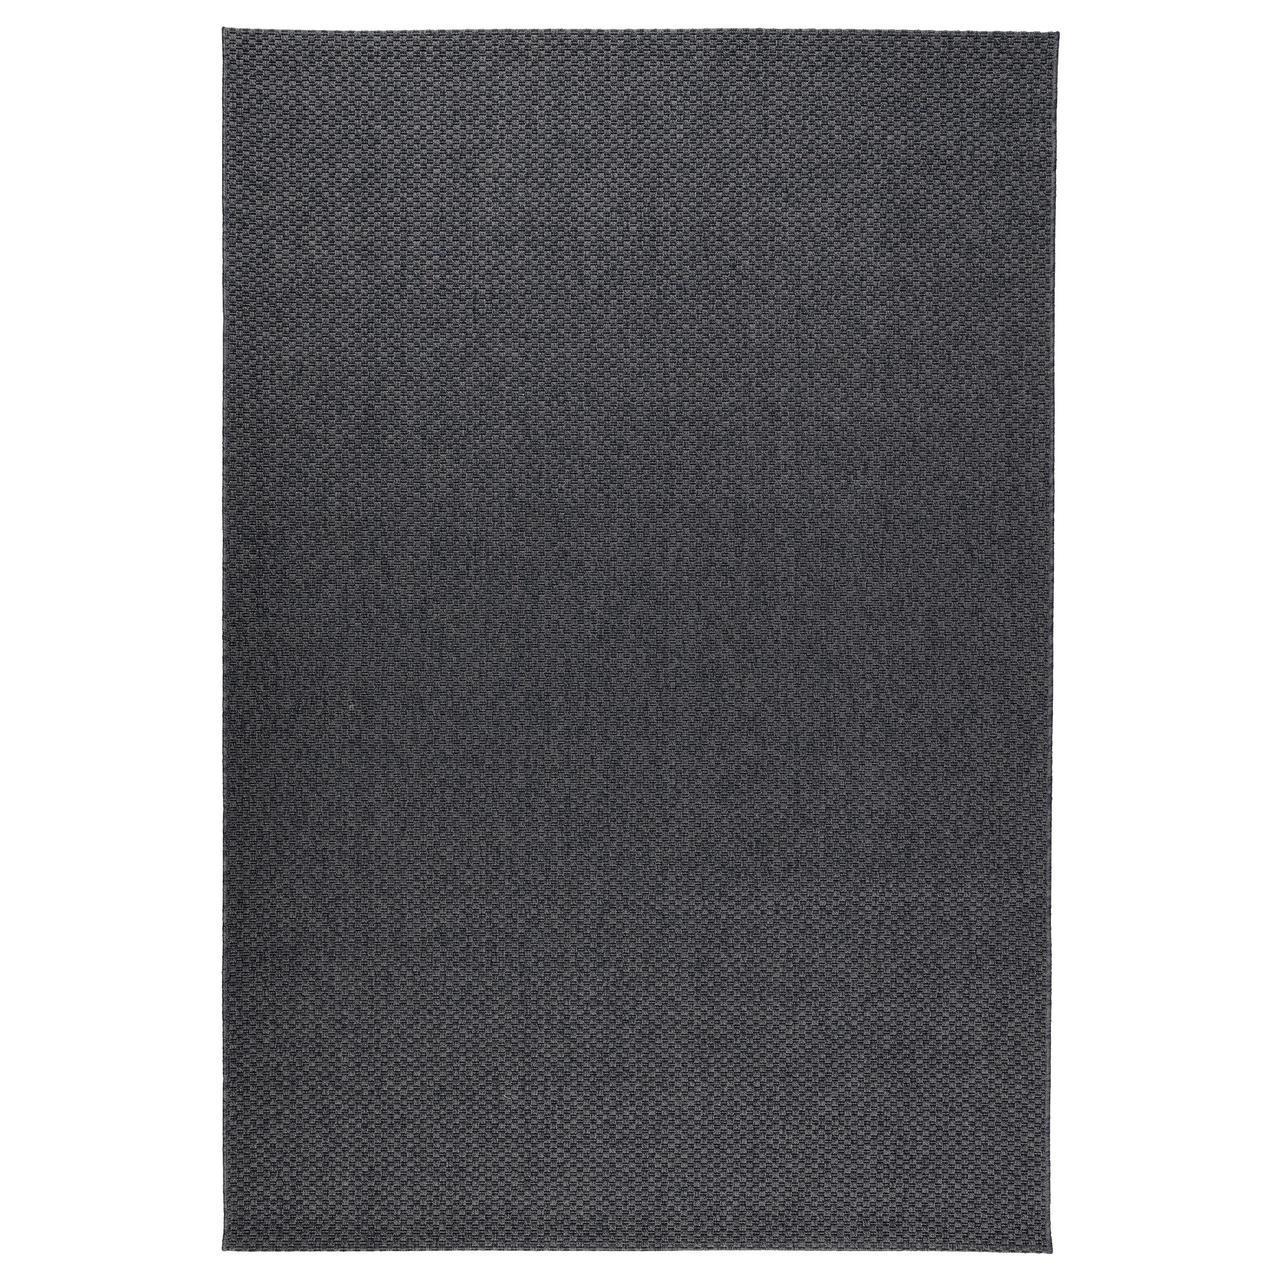 IKEA MORUM (402.035.57) Килим, пласке плетіння, приміщ/вул 160x230 см